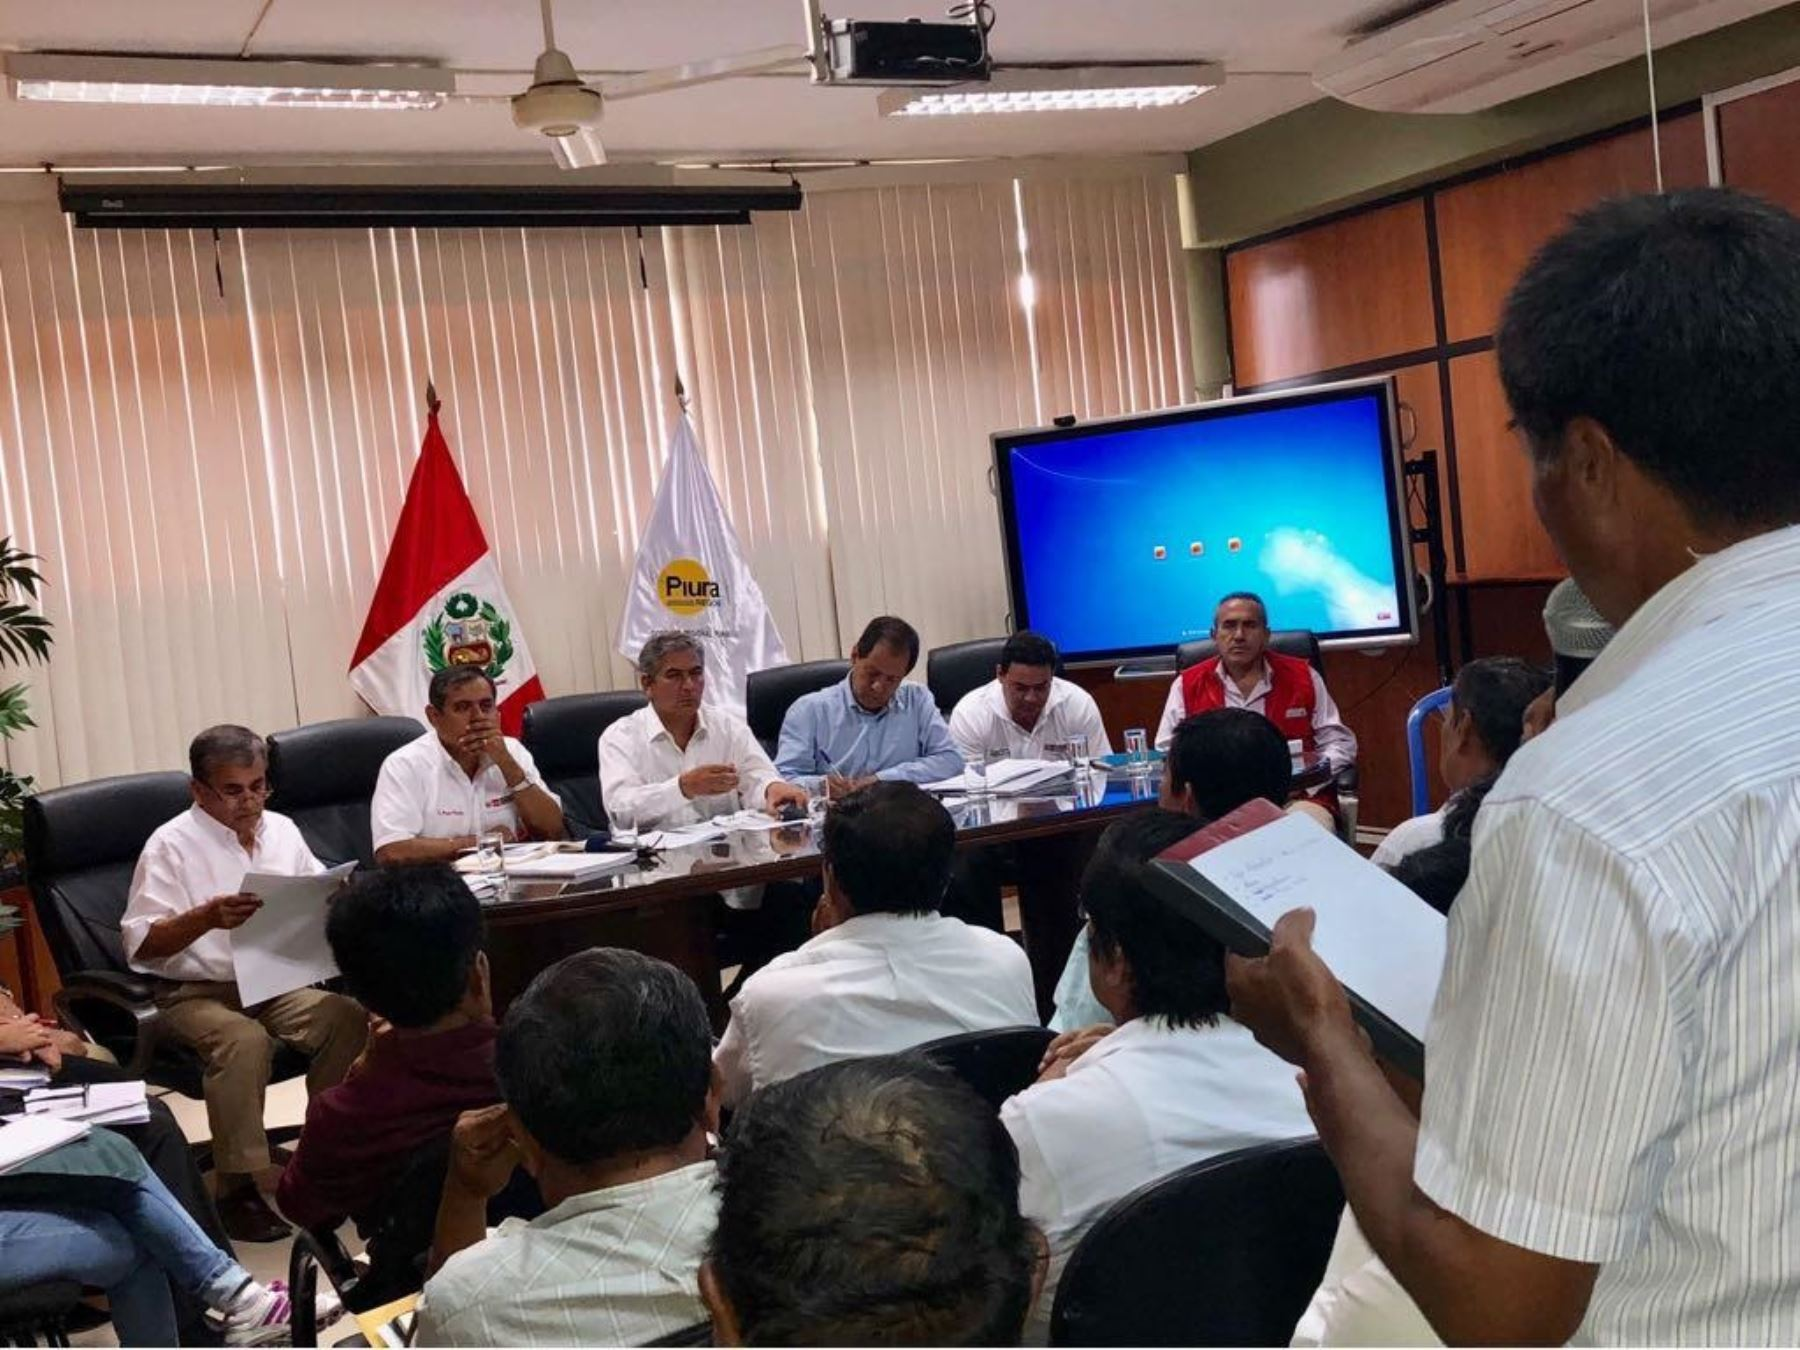 Ministro de Agricultura y Riego, Gustavo Mostajo, anuncia que reconstrucción del agro en Piura se inicia en agosto.